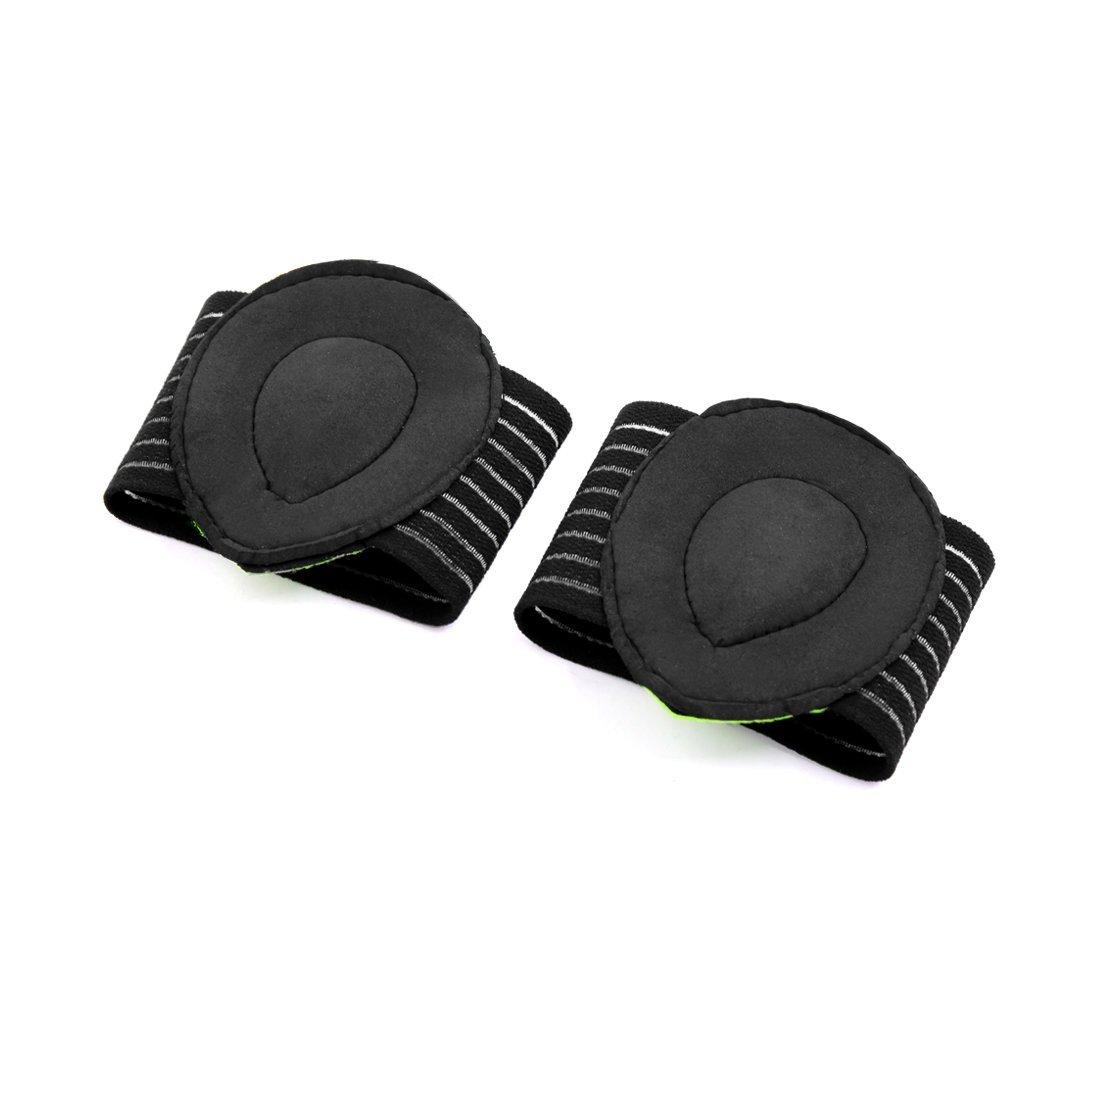 Amazon.com: eDealMax 1 Par Verde Negro Un tamaño arco de soporte Con Comfort Gel-Cojines fascitis Plantar Wrap: Health & Personal Care